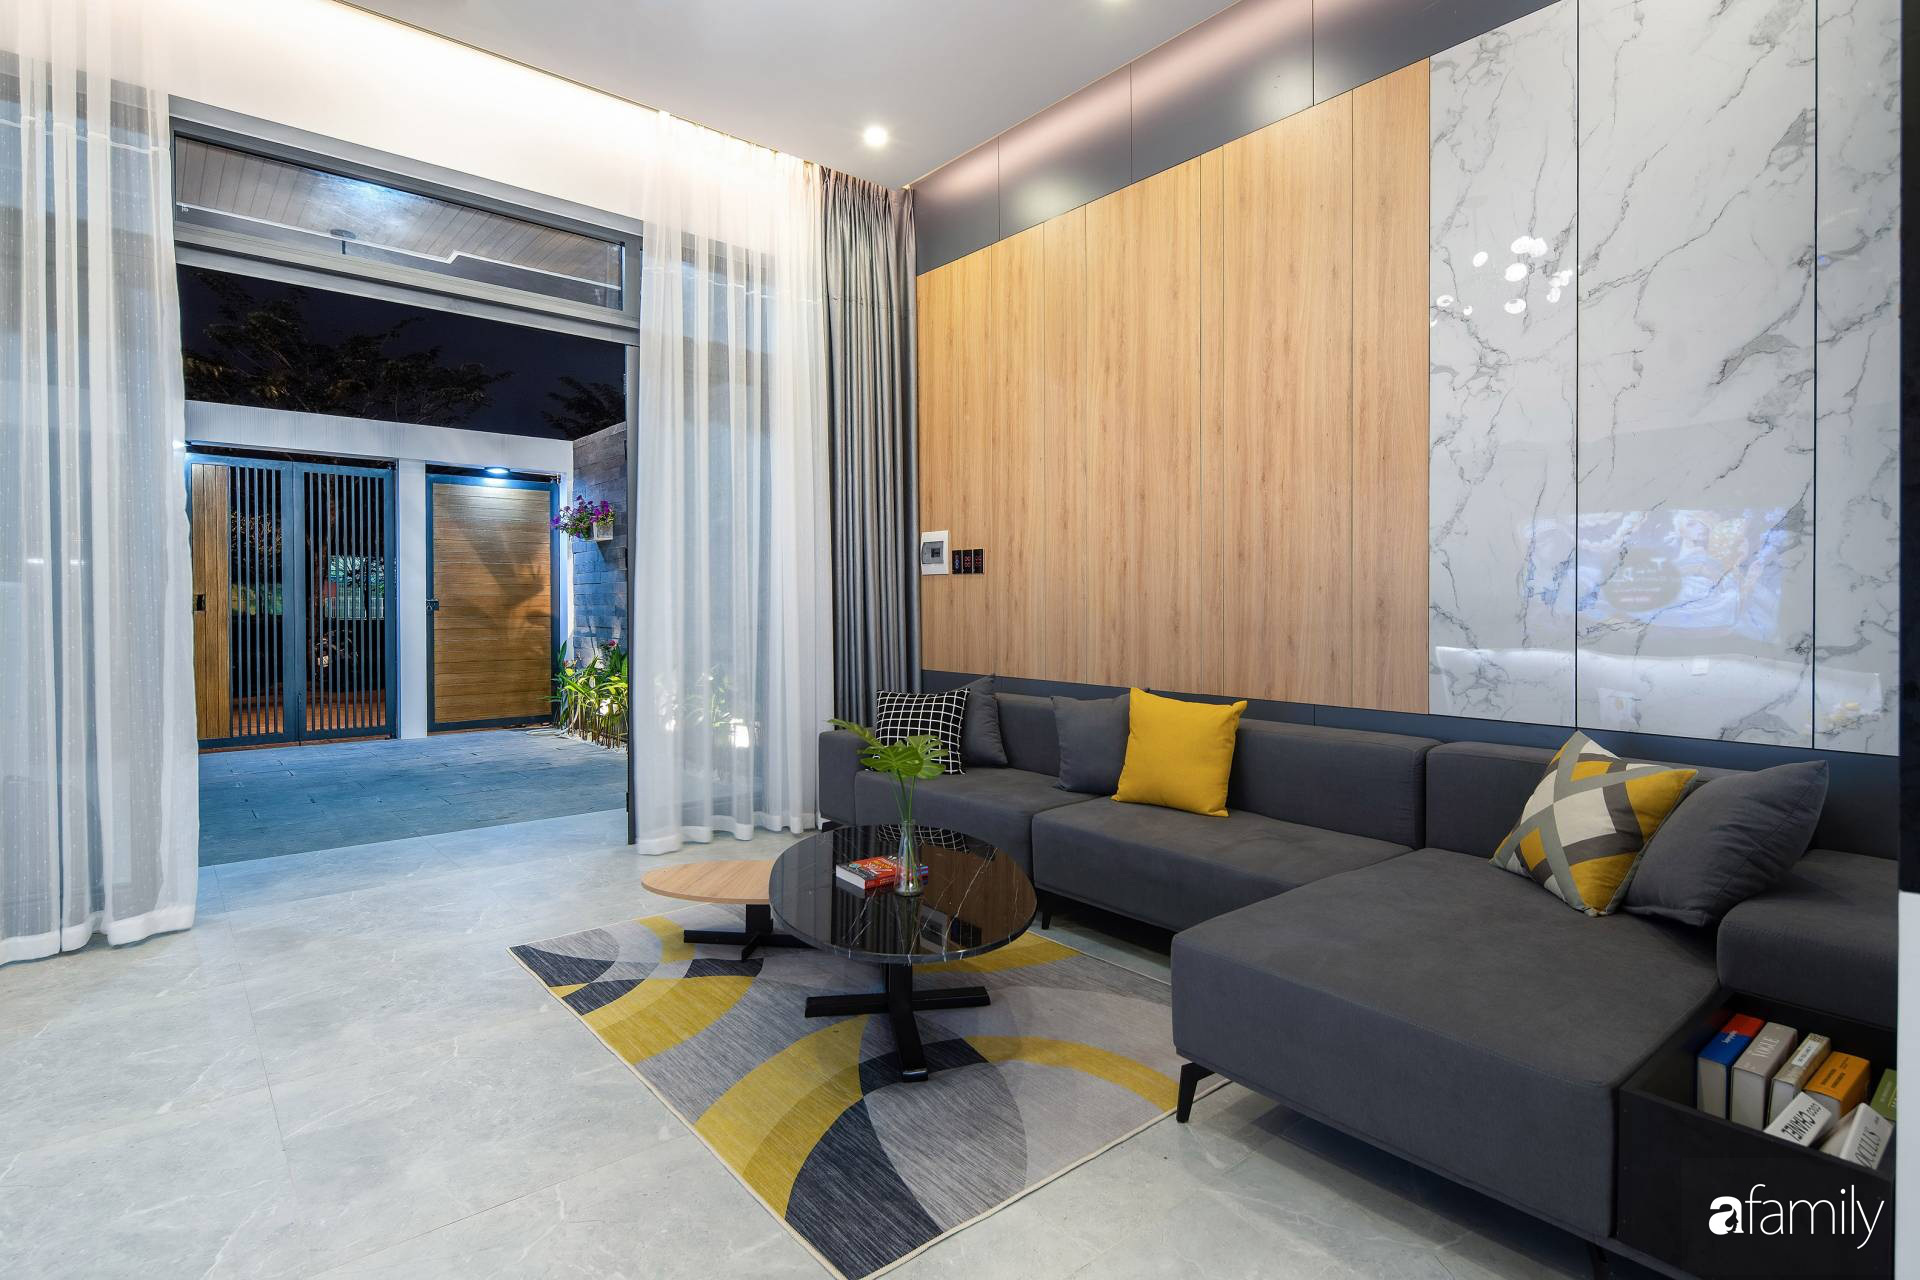 Ngôi nhà 100m2 thiết kế thông minh, tiện lợi dành cho gia đình 3 thế hệ ở Đà Nẵng - Ảnh 4.